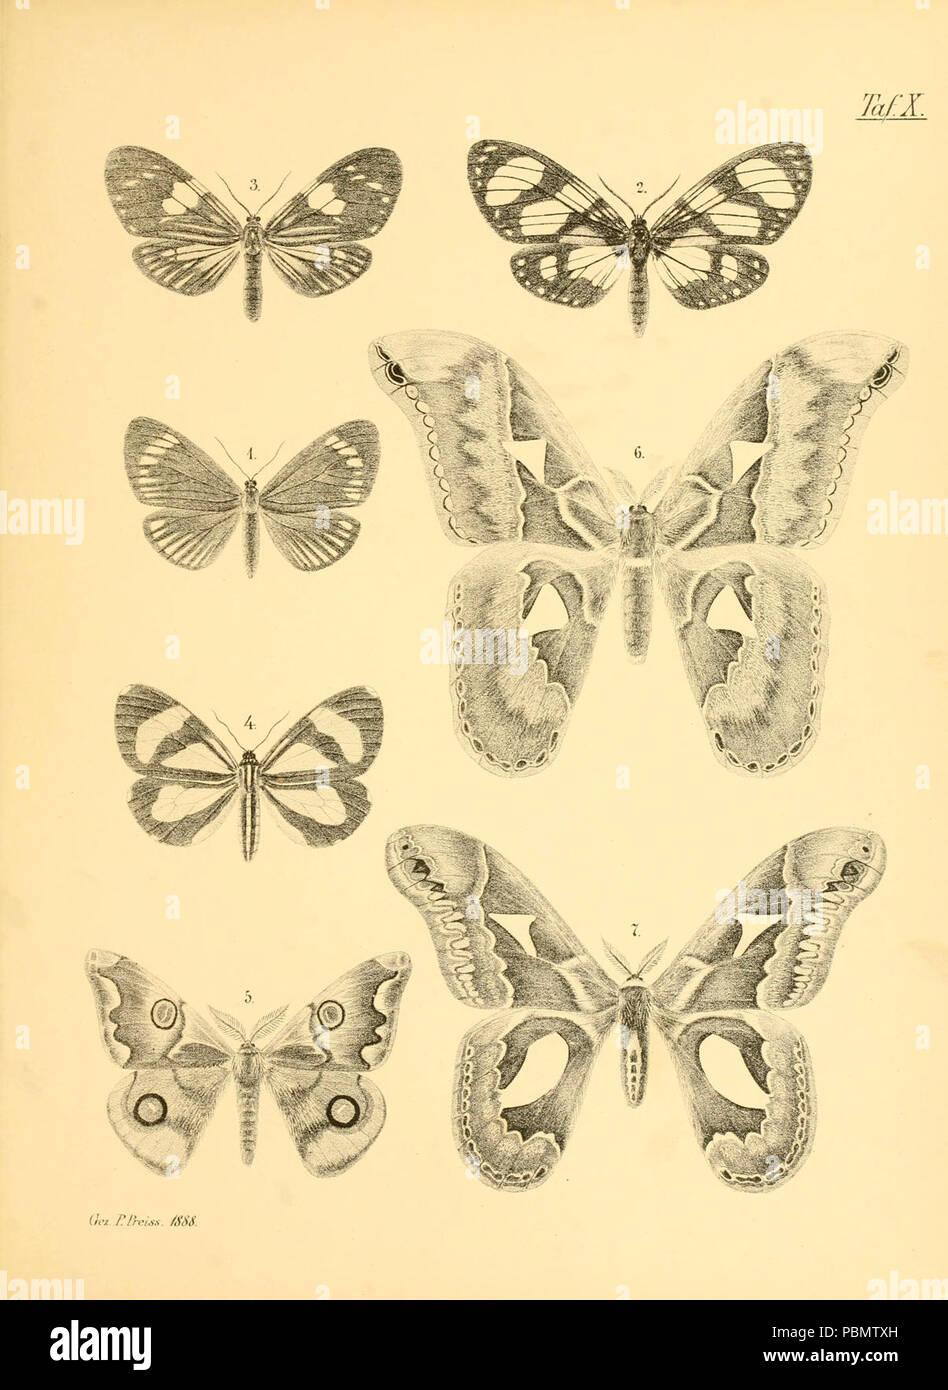 Abbildungen hervorragender Nachtschmetterlinge aus dem indo-australischen und südamerikanischen Faunengebiet (Taf. X) - Stock Image